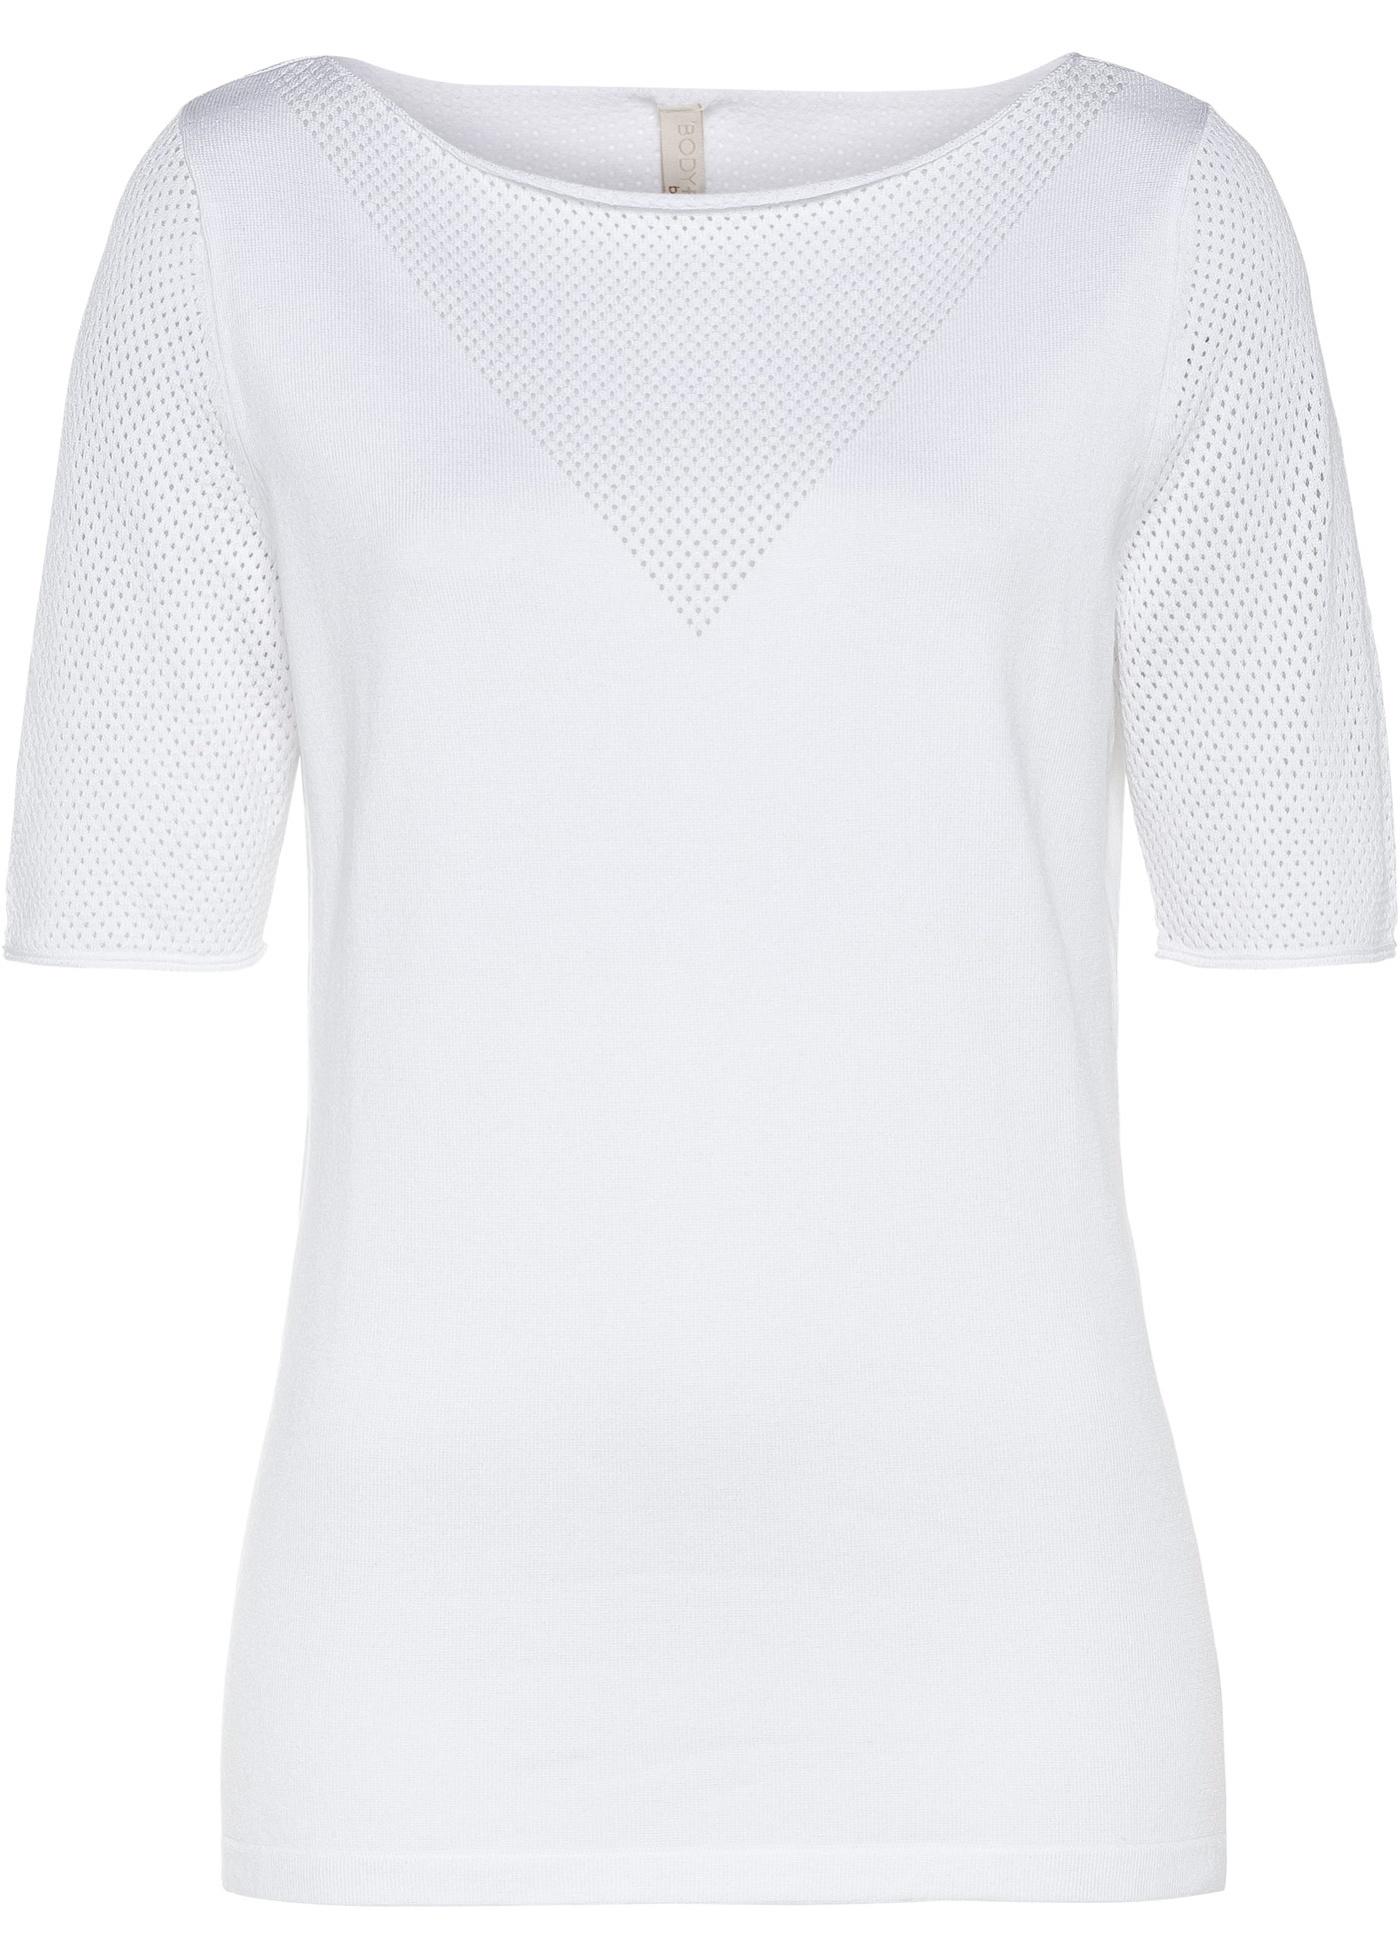 Maglia (Bianco) - BODYFLIRT boutique